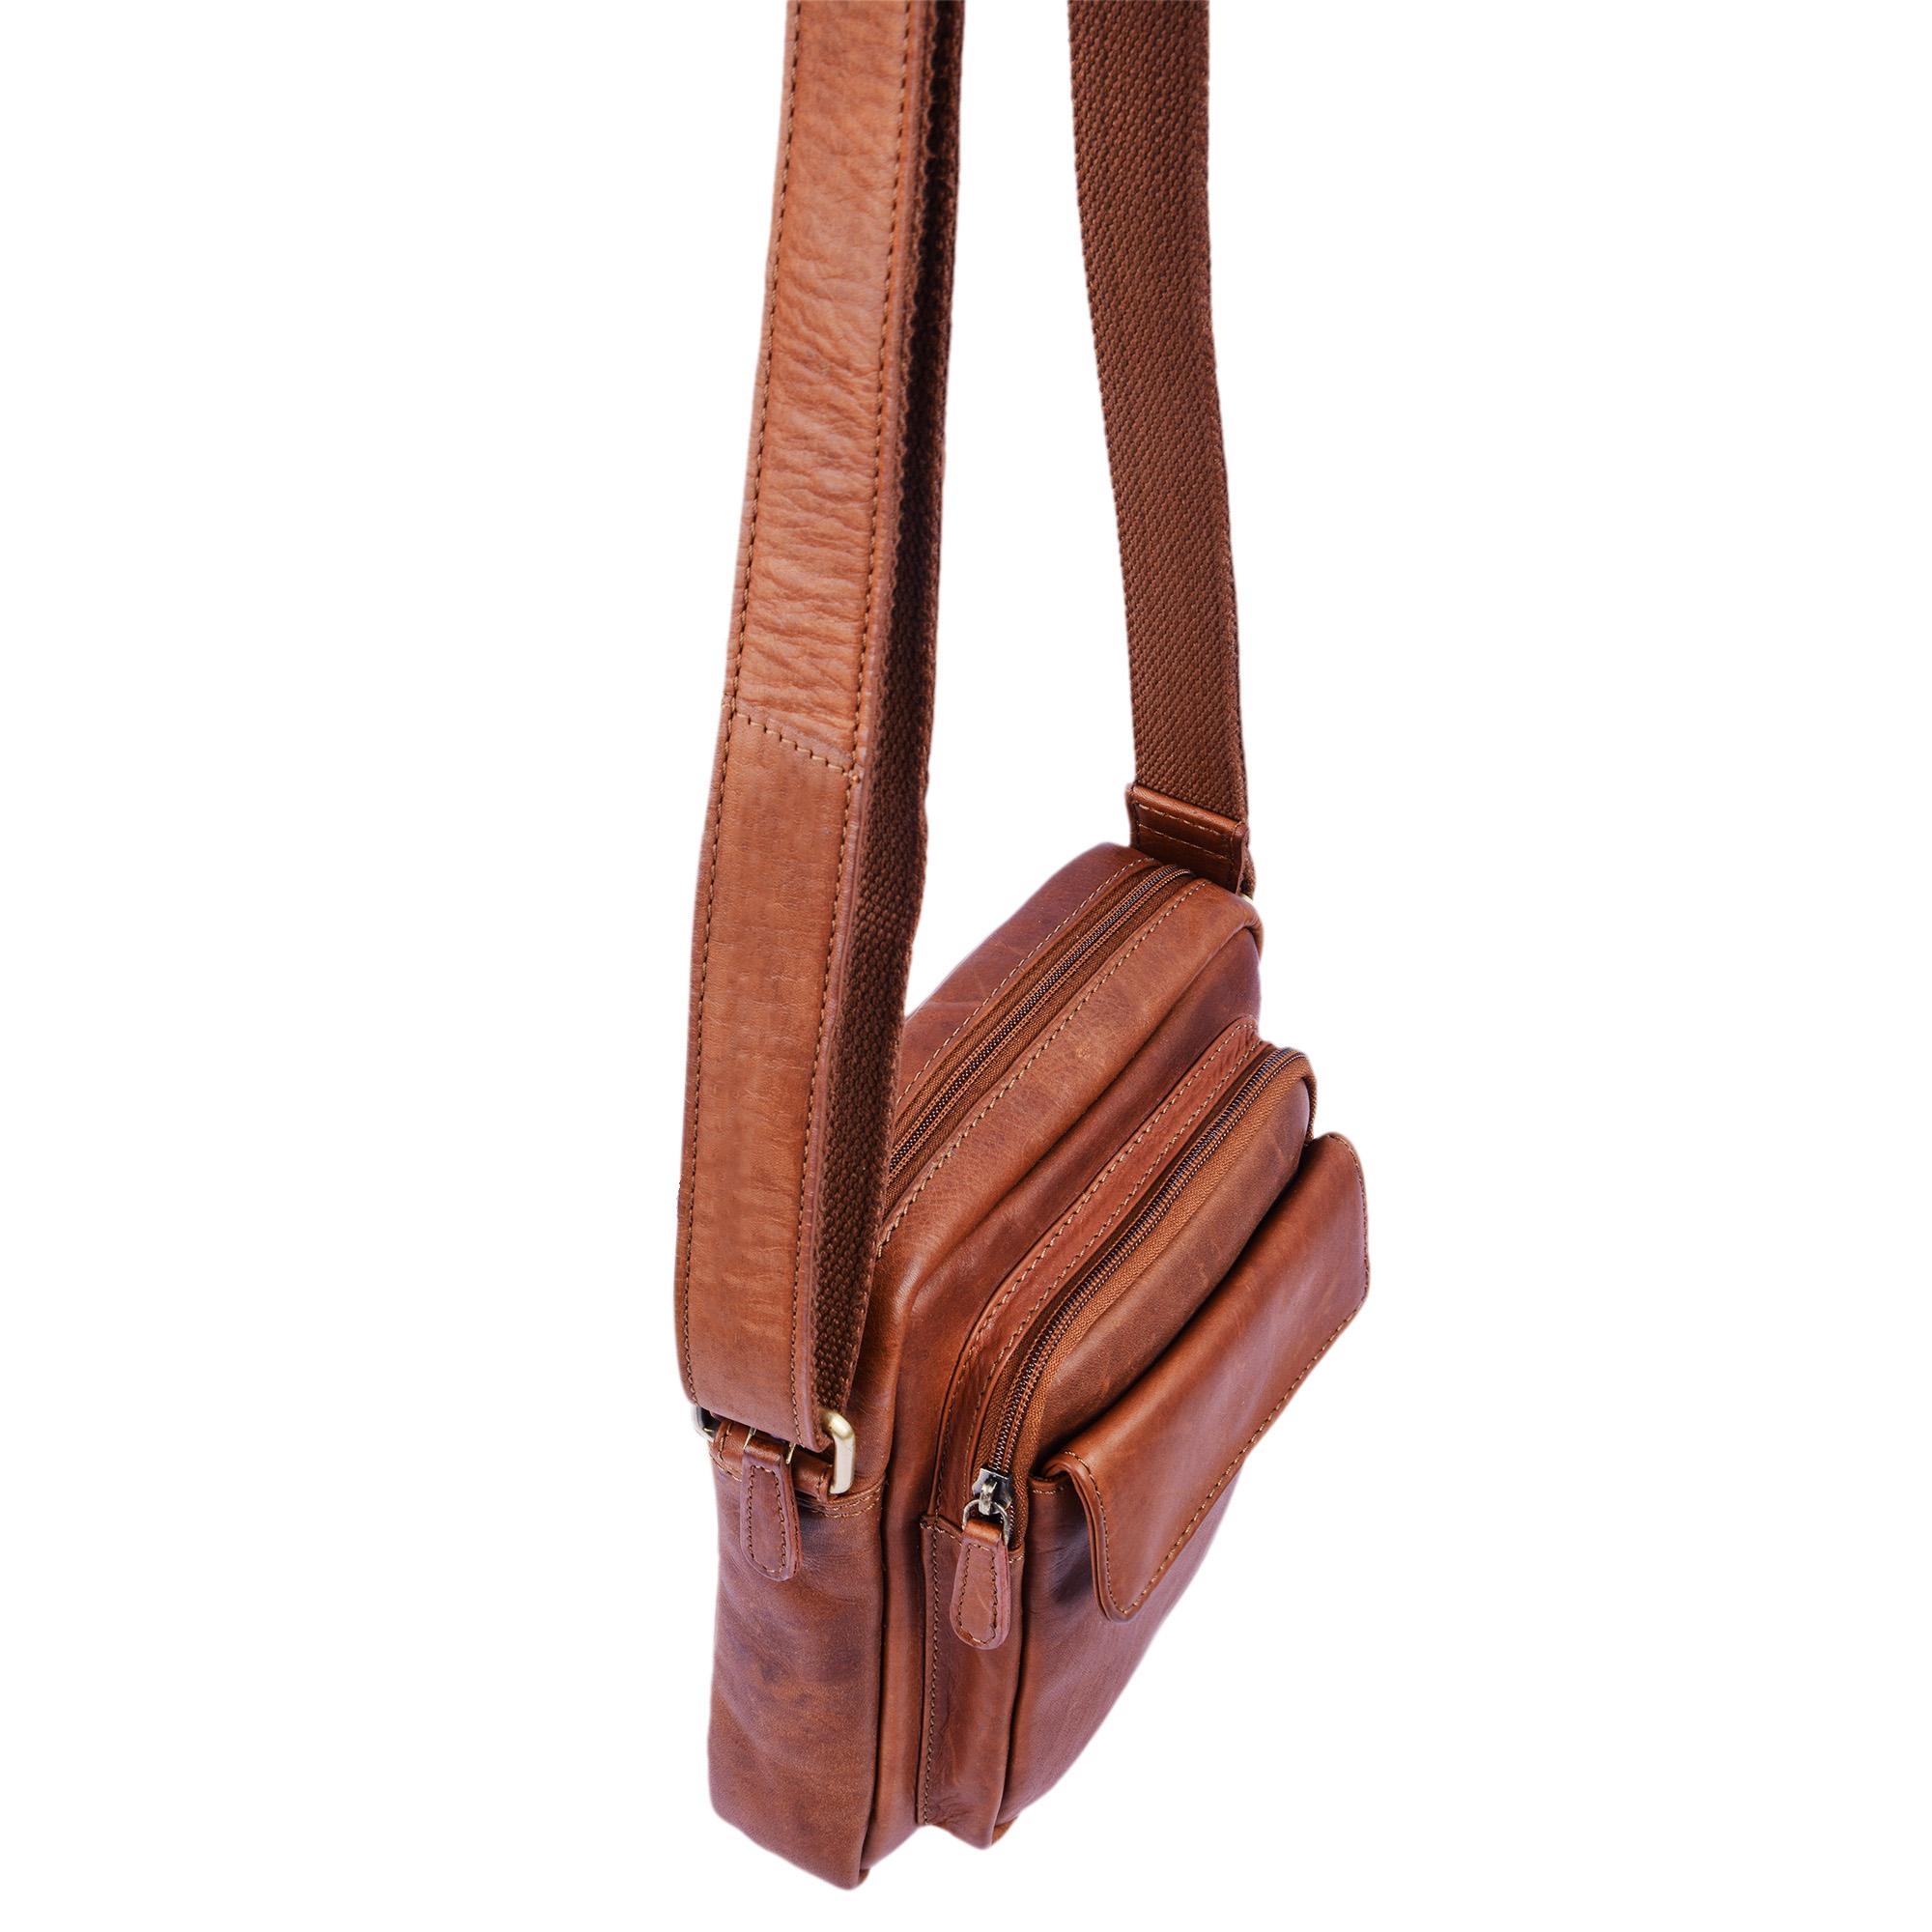 """STILORD """"Jannis"""" Leder Umhängetasche Männer klein Vintage Messenger Bag Herren-Tasche Tablettasche für 9.7 Zoll iPad Schultertasche aus echtem Leder - Bild 6"""